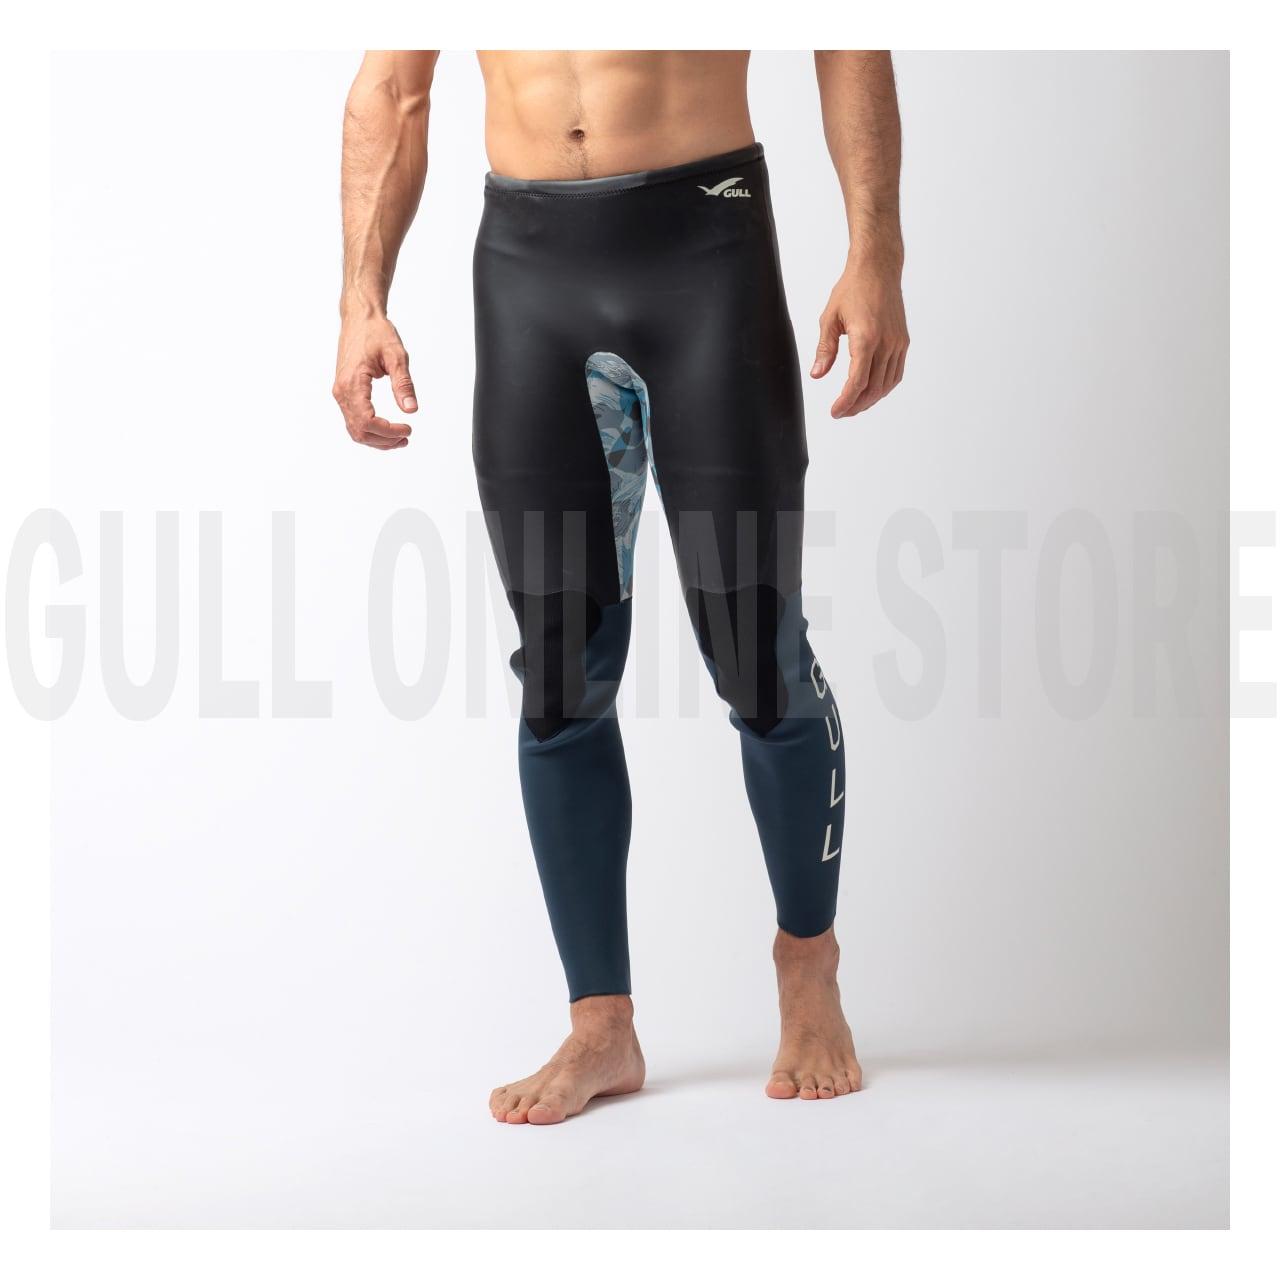 2mmスキンロングパンツ メンズ -ブラック×ブルーサファリカモ- [BSFR] GULL ガル ウエットスーツ